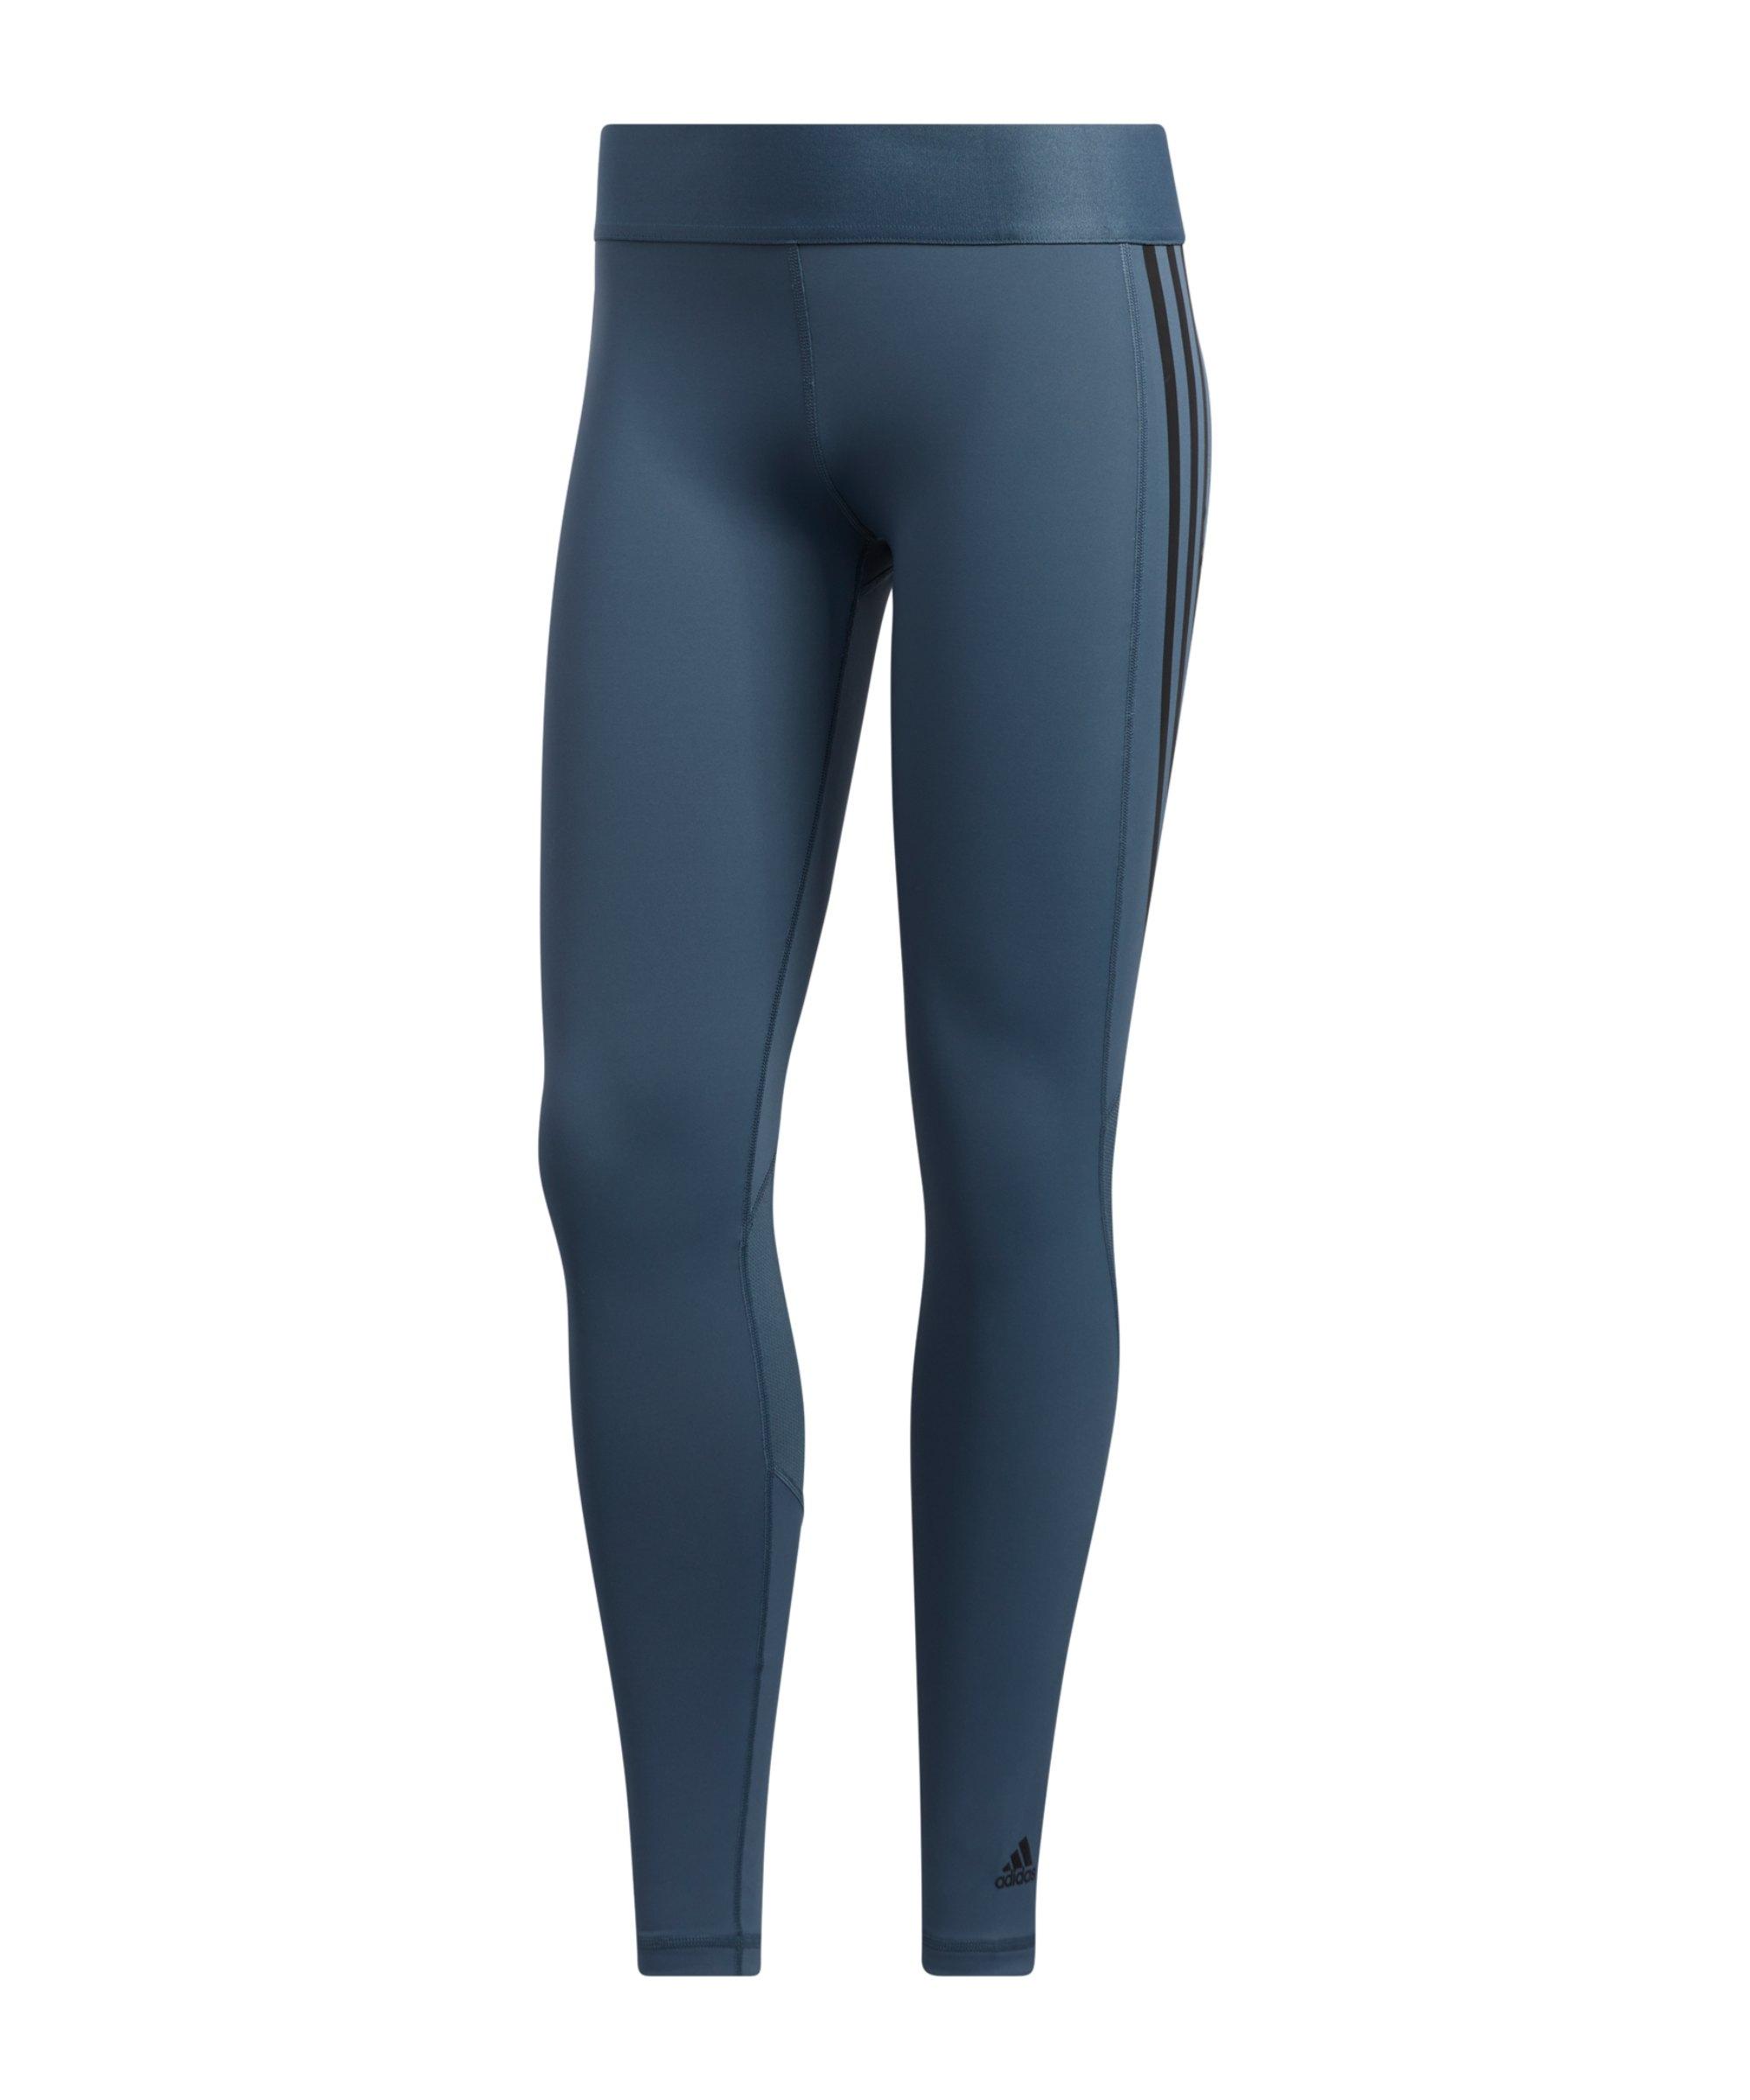 adidas Alphaskin Leggings Damen Blau - blau